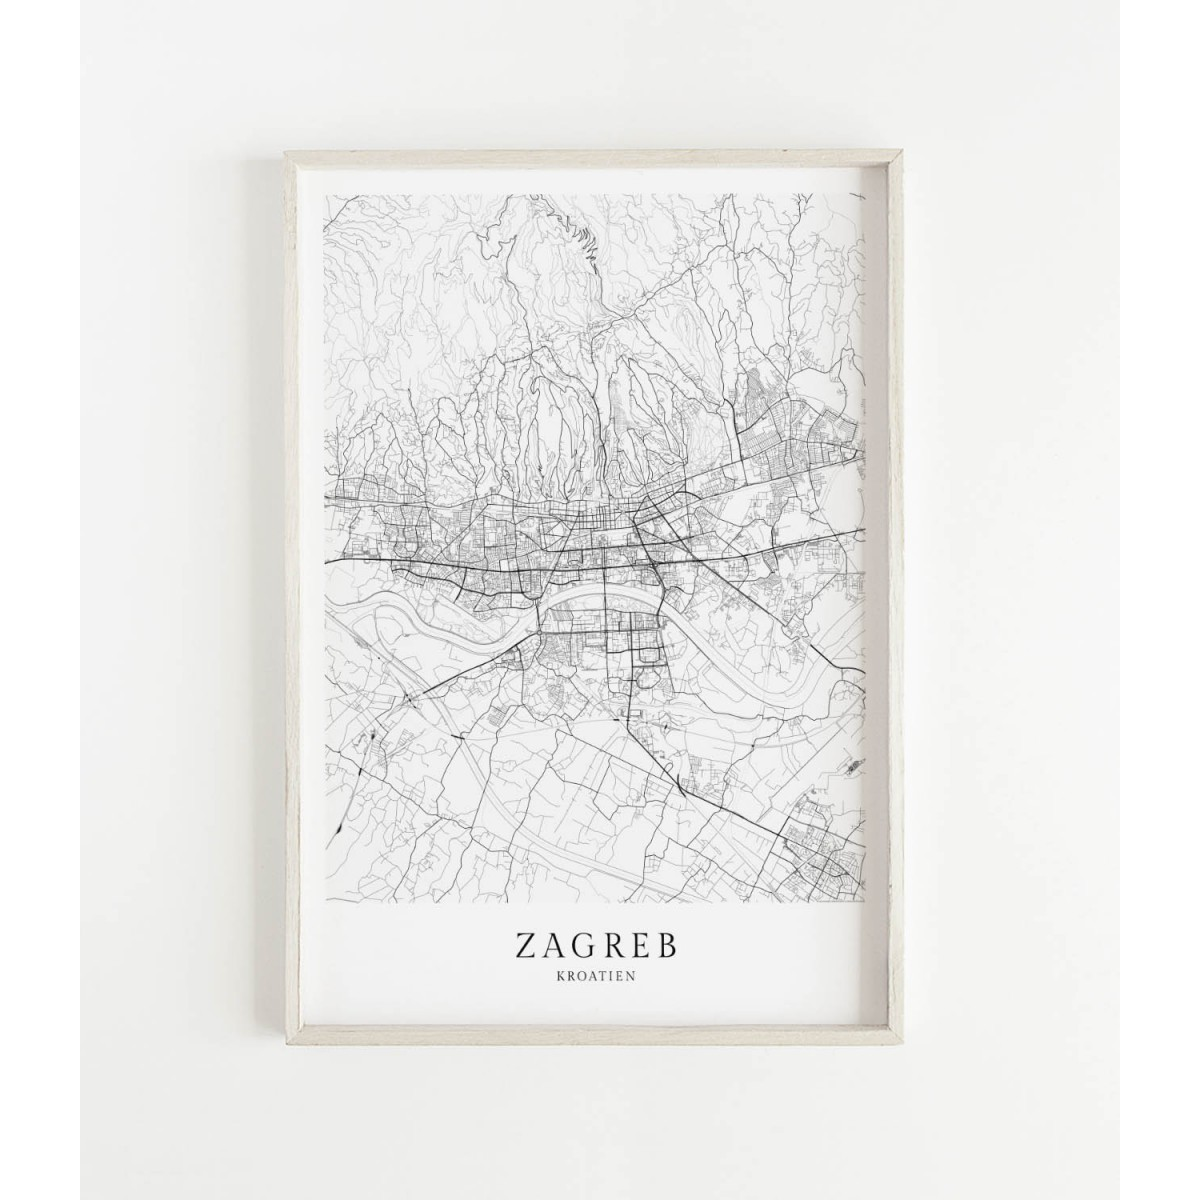 ZAGREB als hochwertiges Poster im skandinavischen Stil von Skanemarie